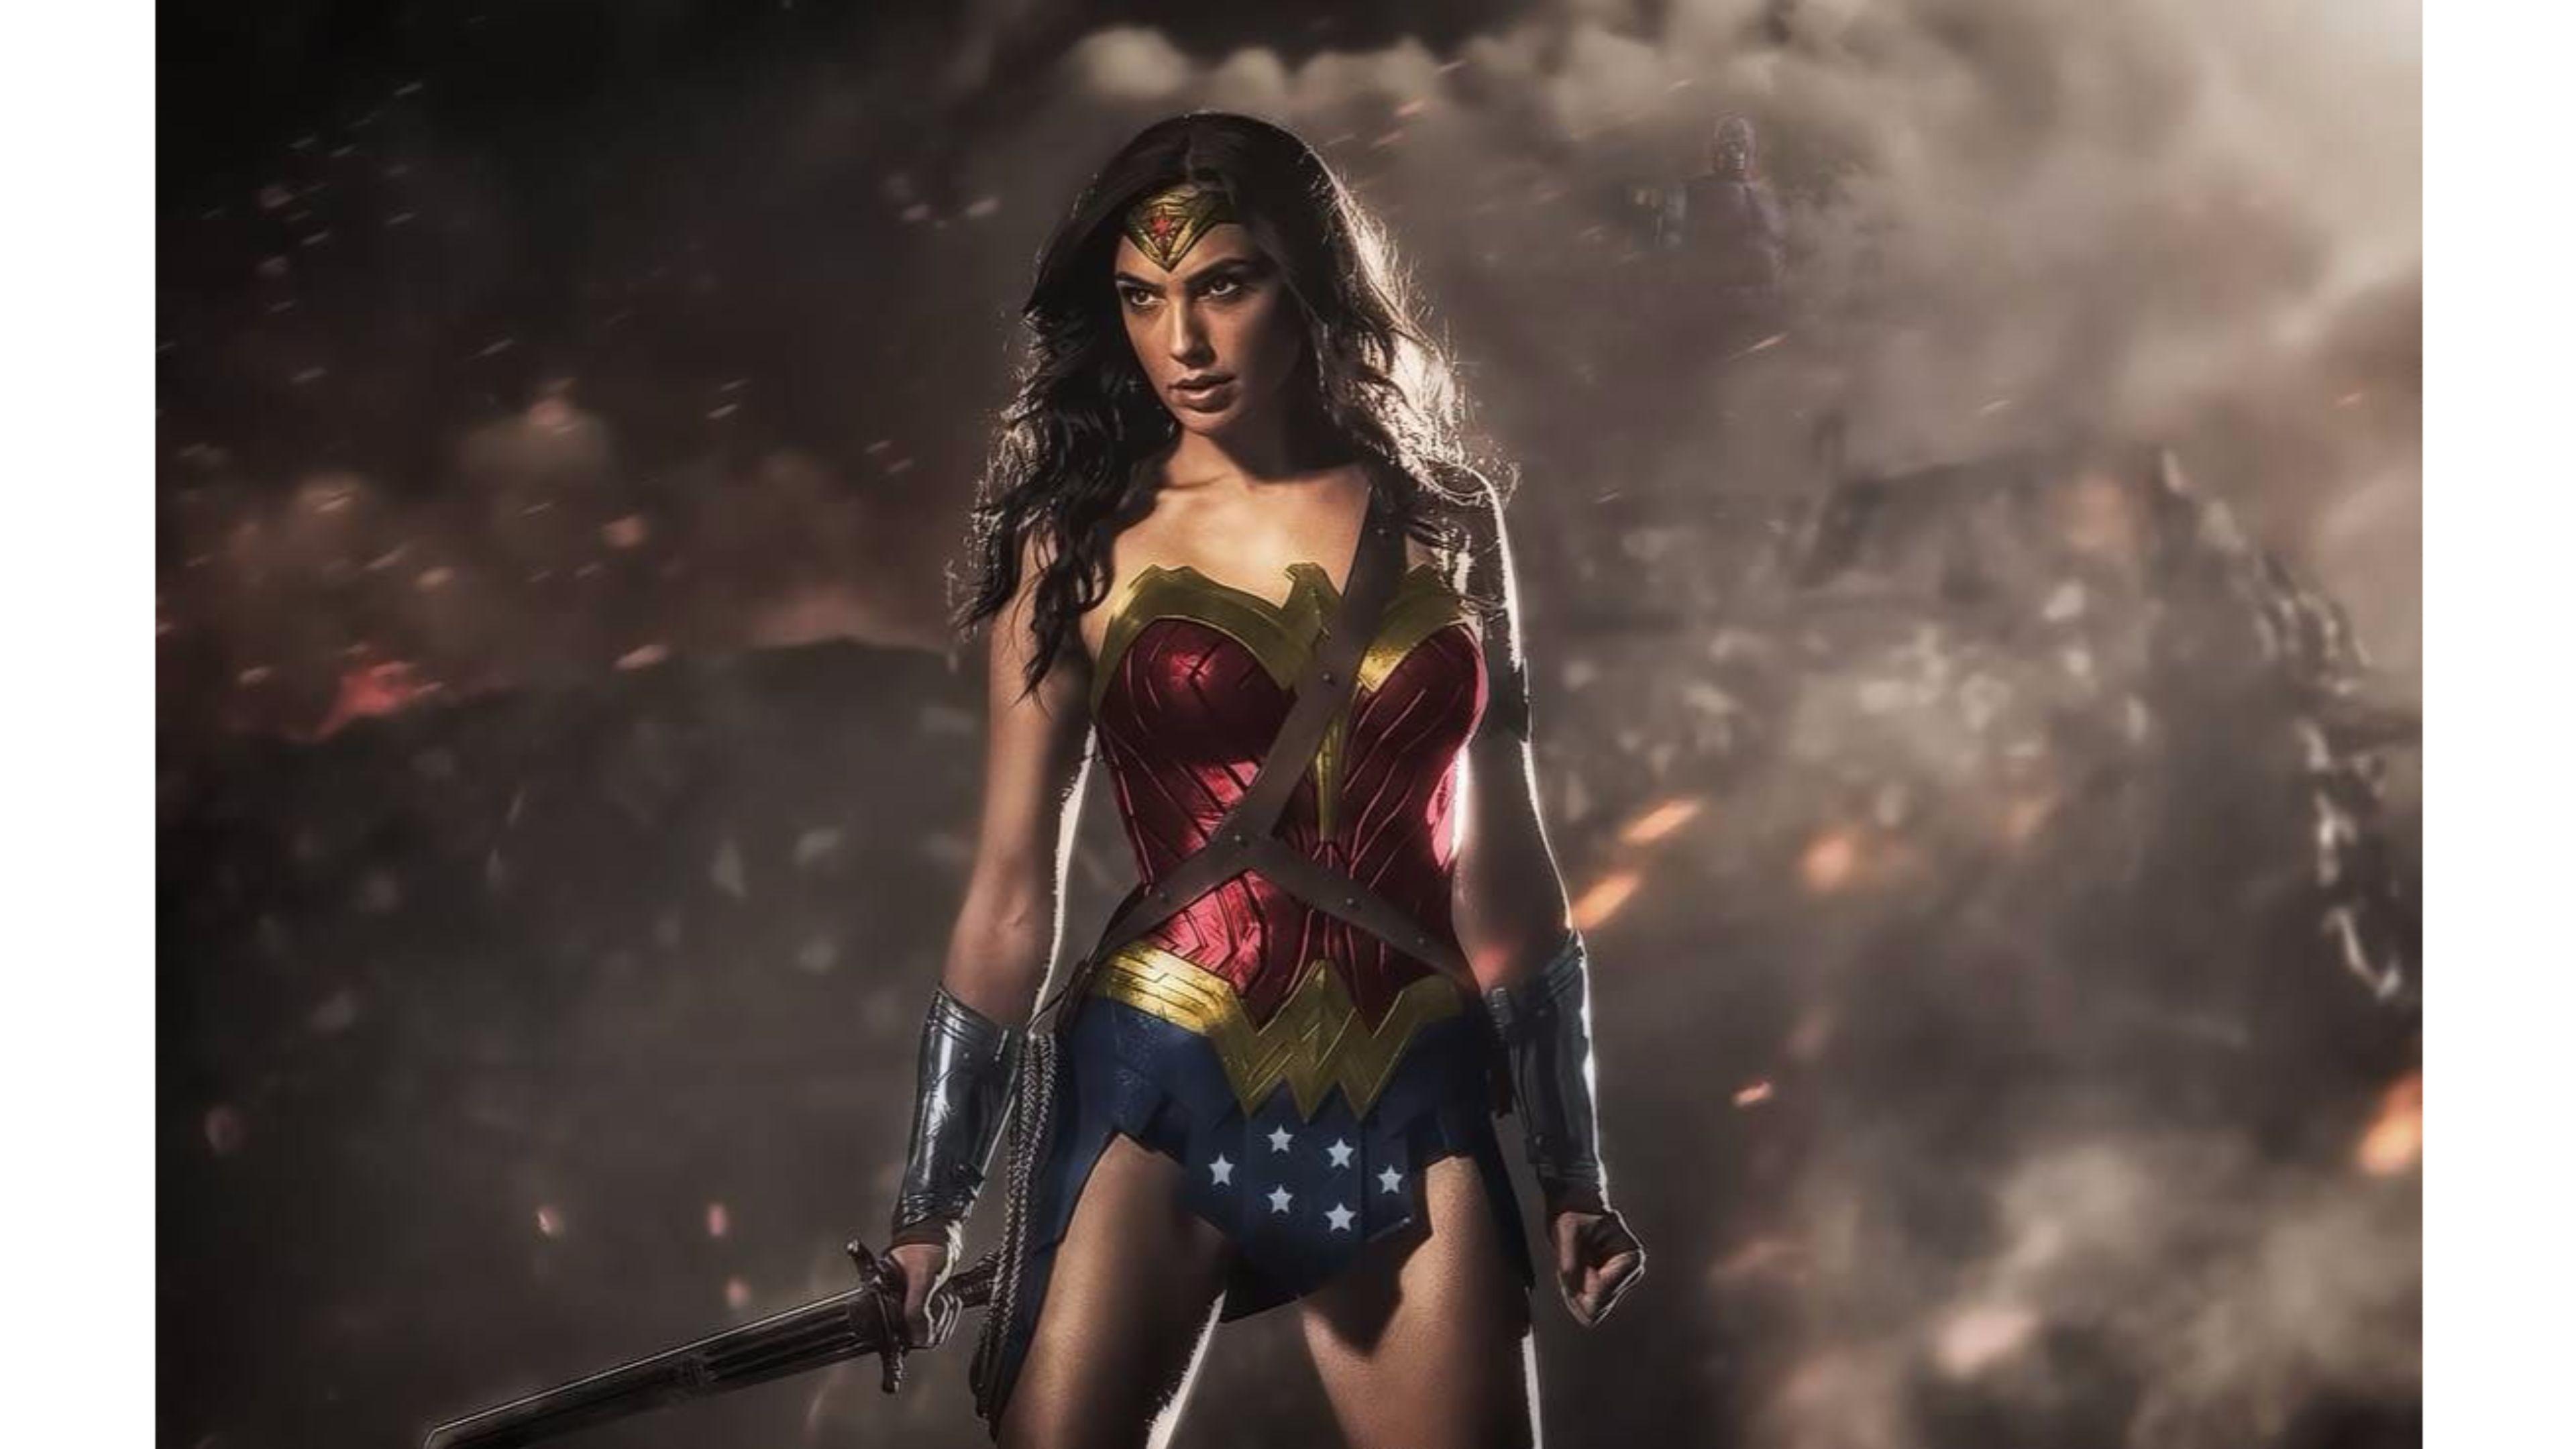 Res: 3840x2160, Wonder Woman 2016 Gal Gadot 4K Wallpaper